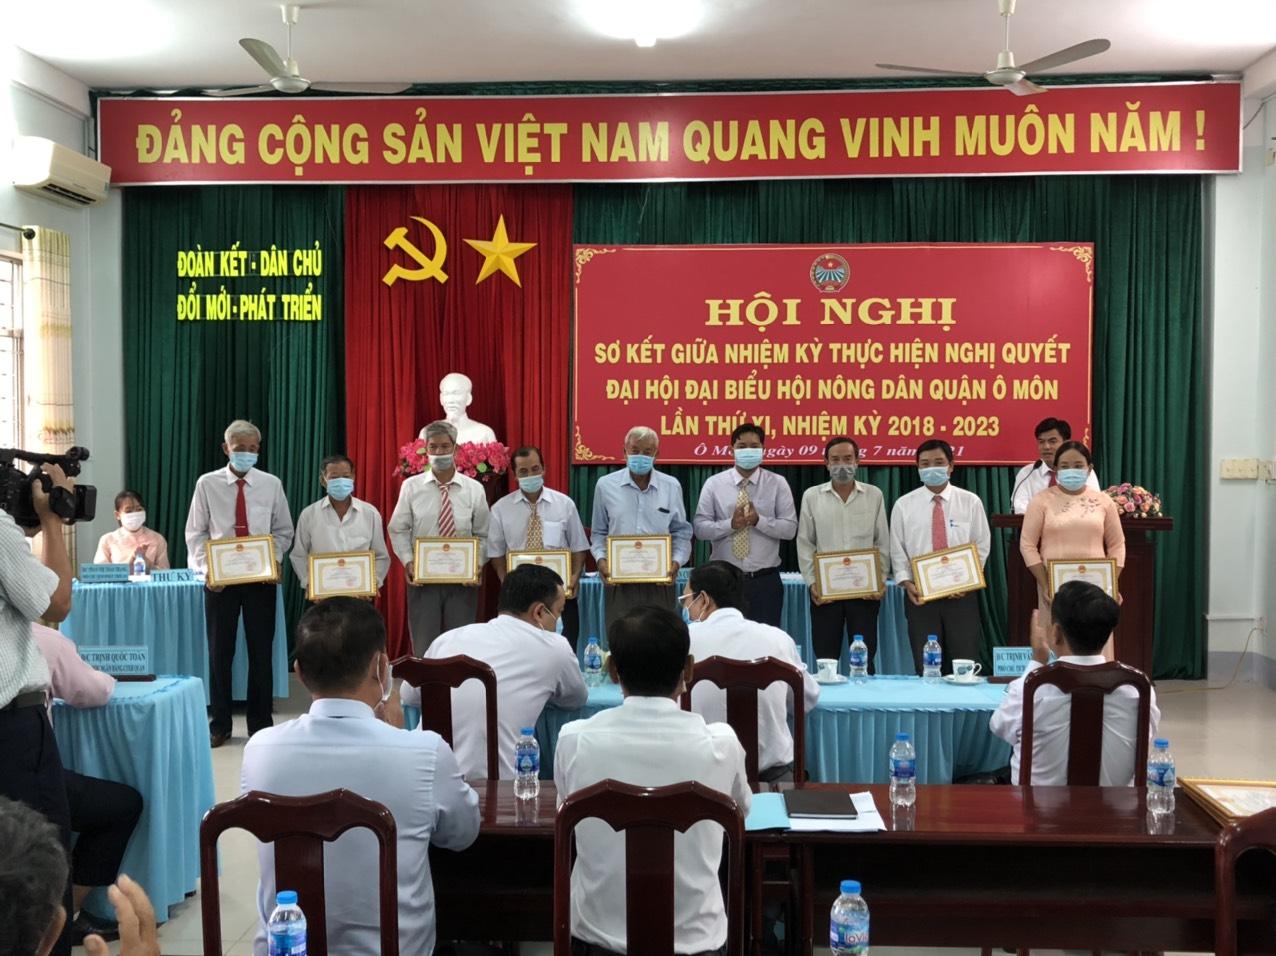 Nửa nhiệm kỳ 2018-2023, Hội Nông dân quận Ô Môn thực hiện đạt 10/14 chỉ tiêu Nghị quyết